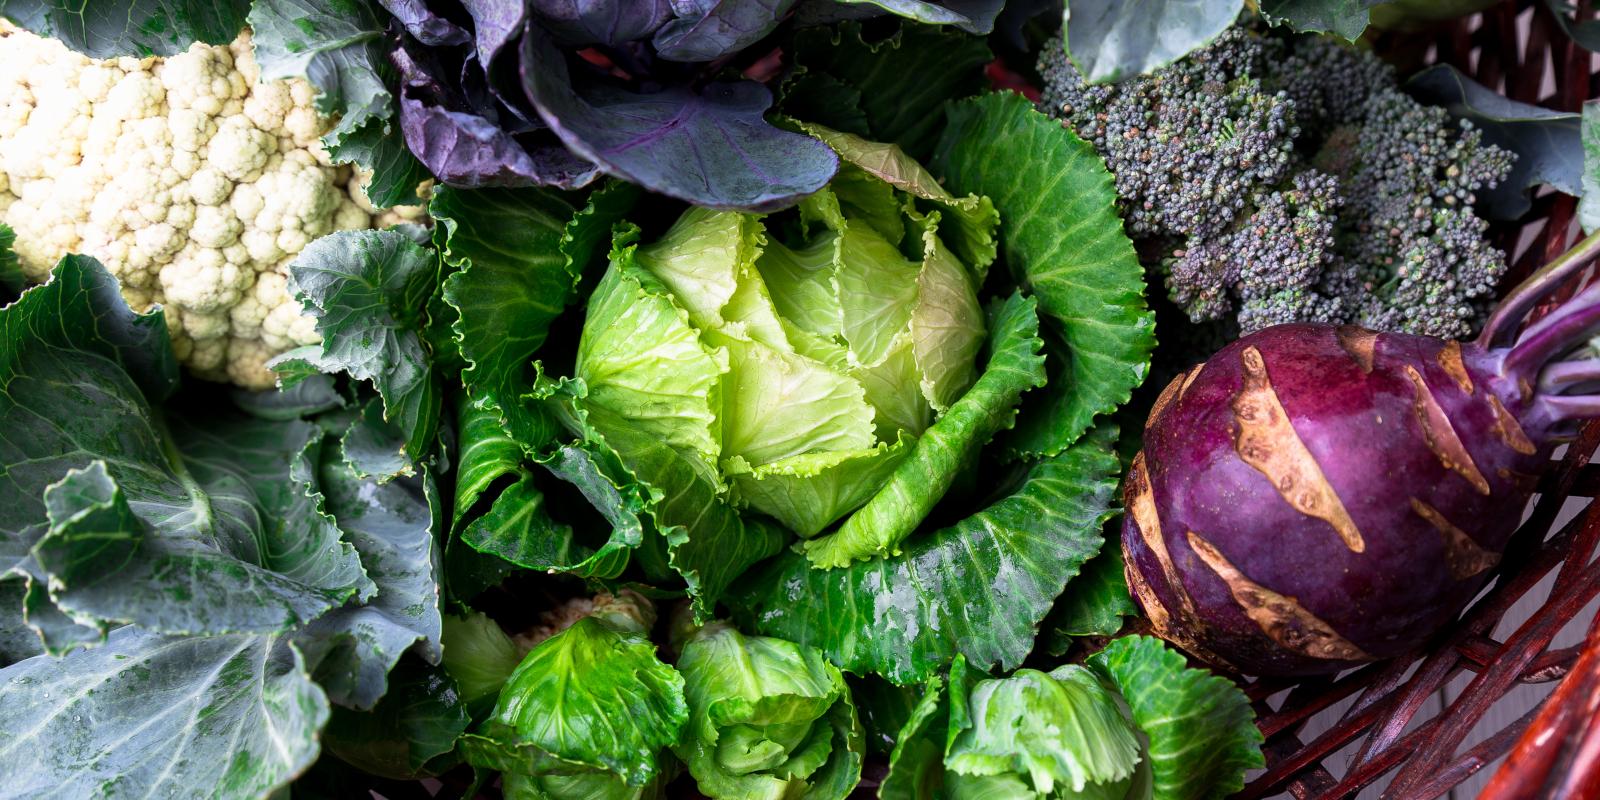 Saisonale Gerichte für den Februar: 3 leckere Kohl-Rezepte aus deinem Garten